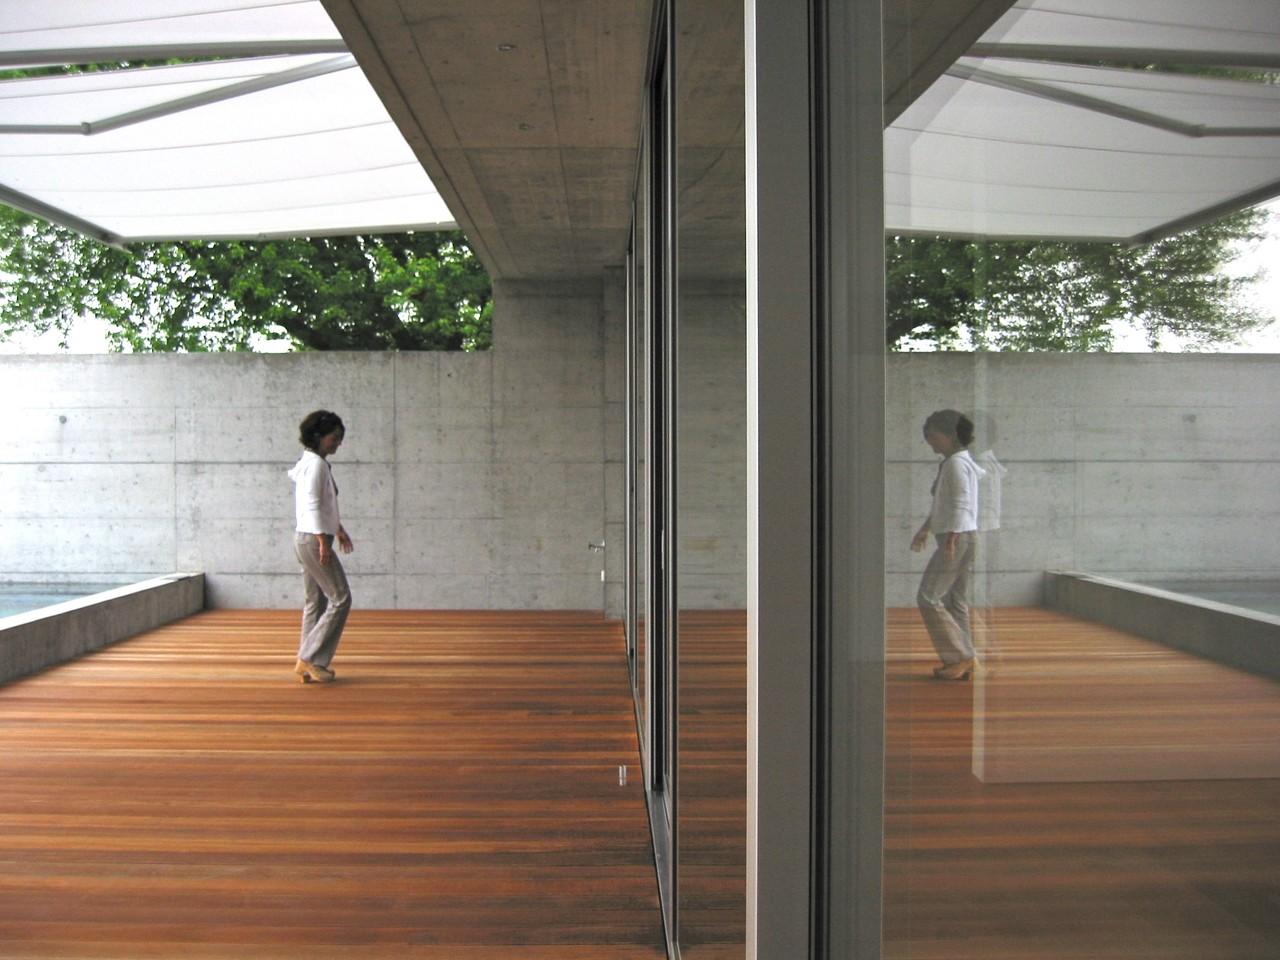 WohnRaumVielfalt - Poolhaus: Catwalk